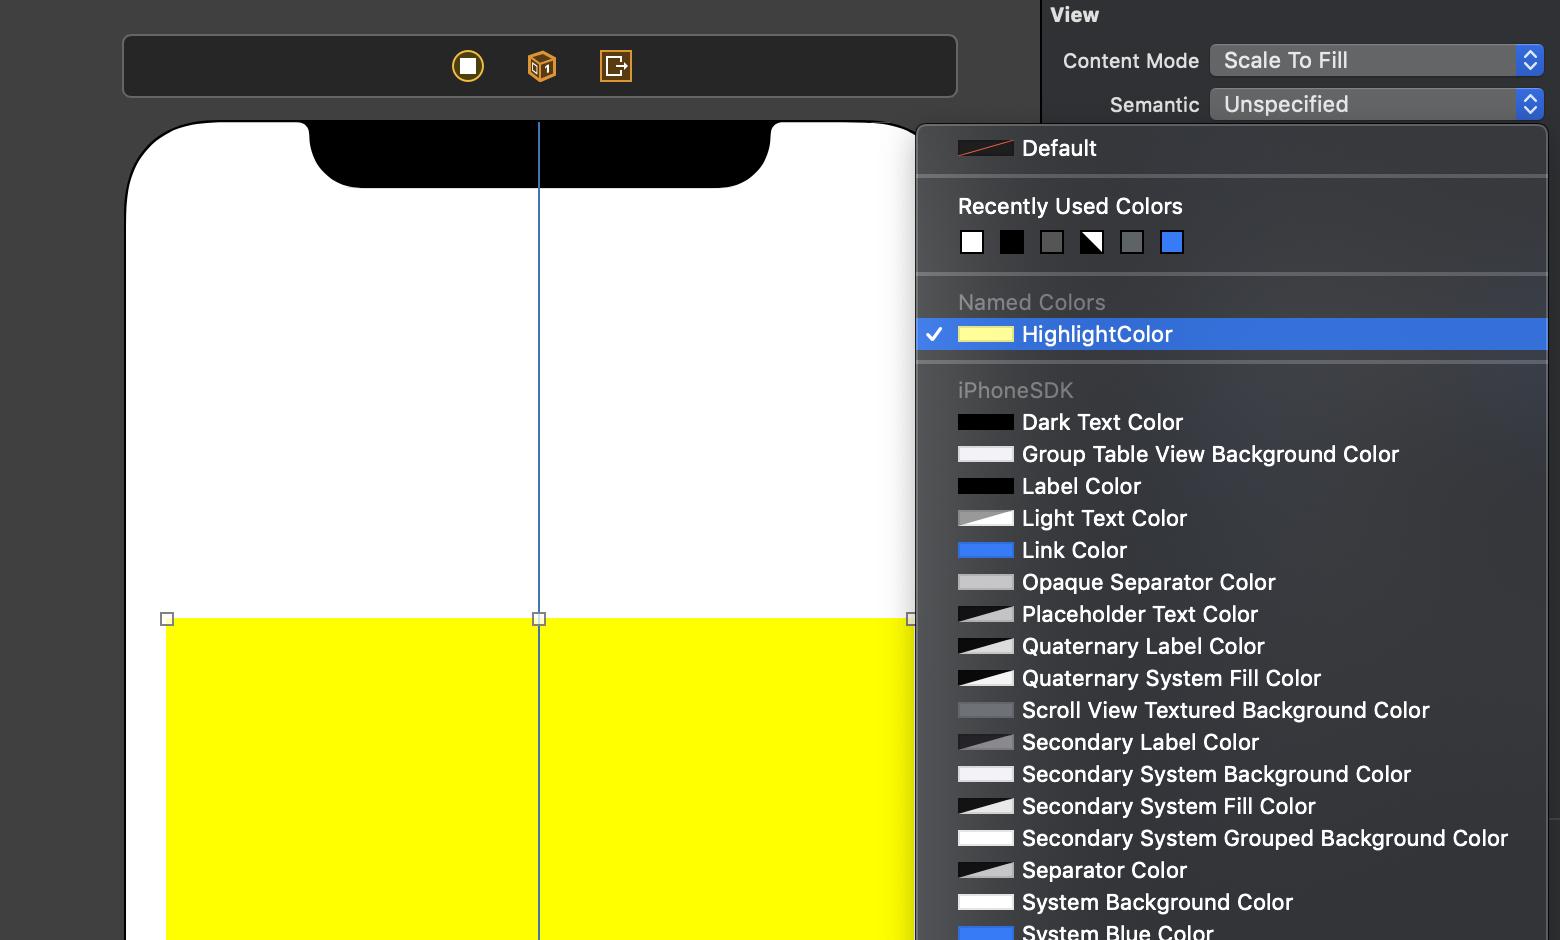 """Die eigens kreierten Color Sets aus Asset Catalogs werden im Interface Builder im Bereich """"Named Colors"""" aufgeführt."""